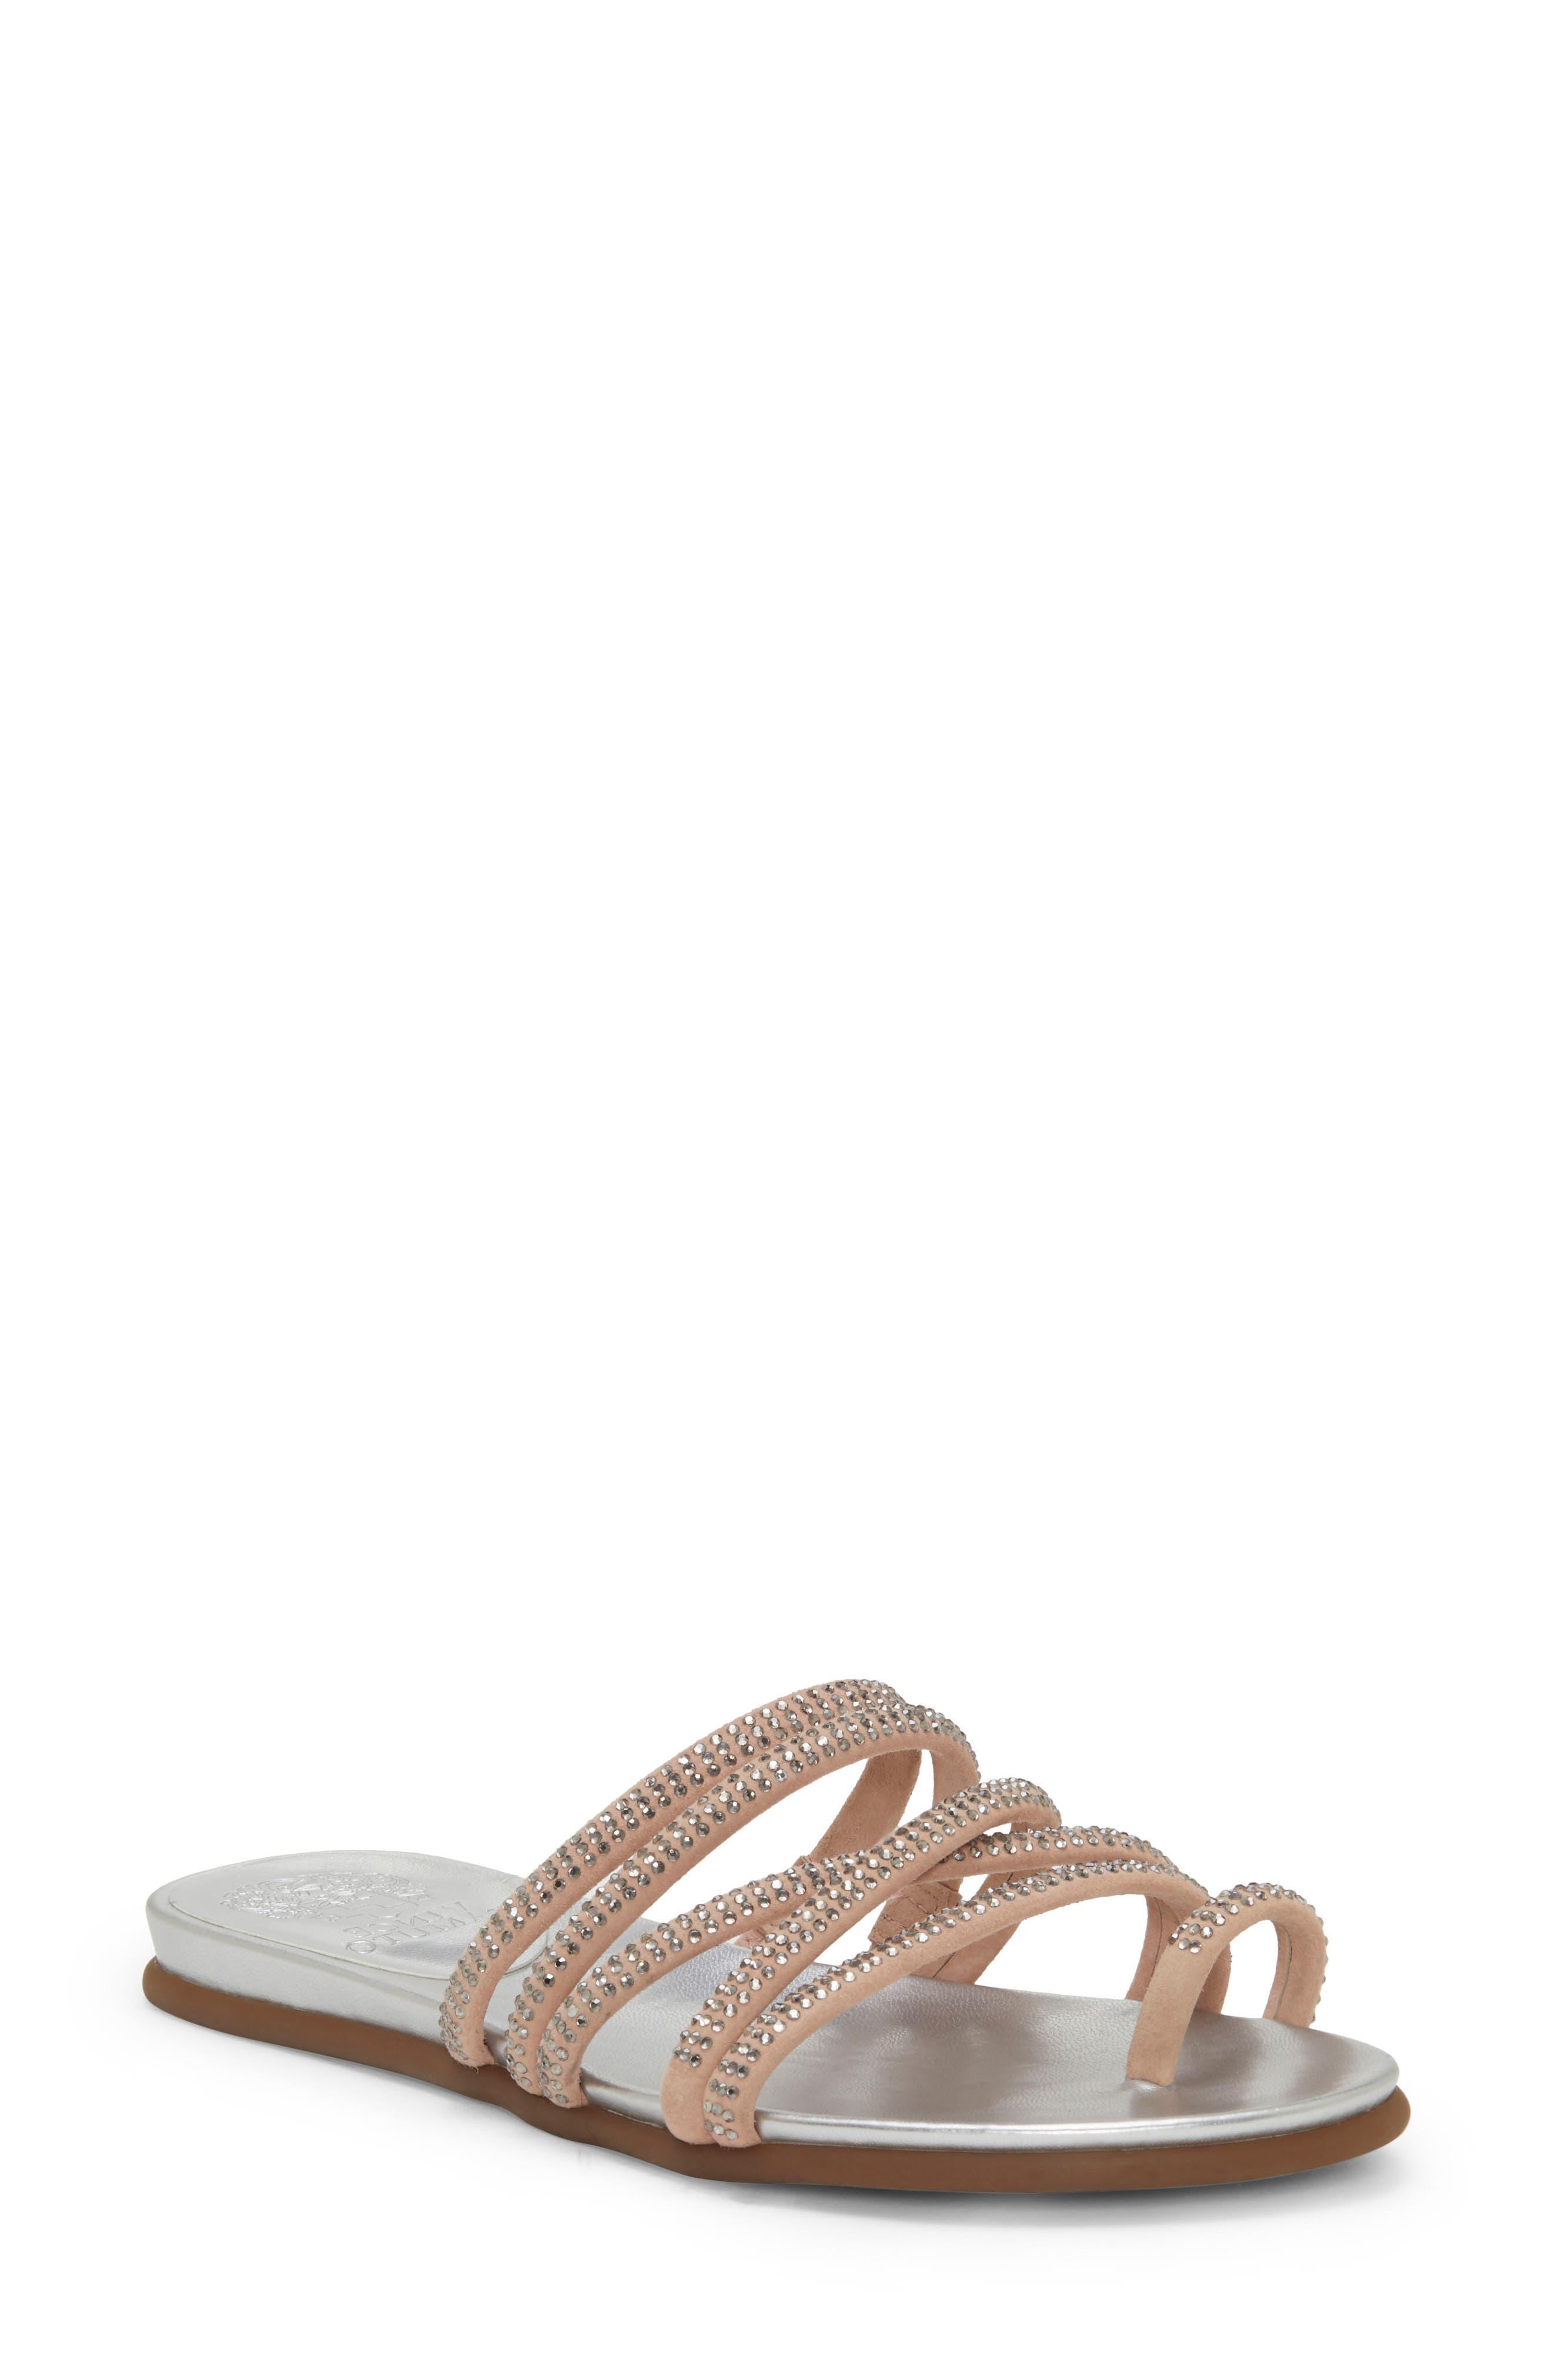 Vince Camuto Ezzina Crystal Embellished Slide Sandal, Pink